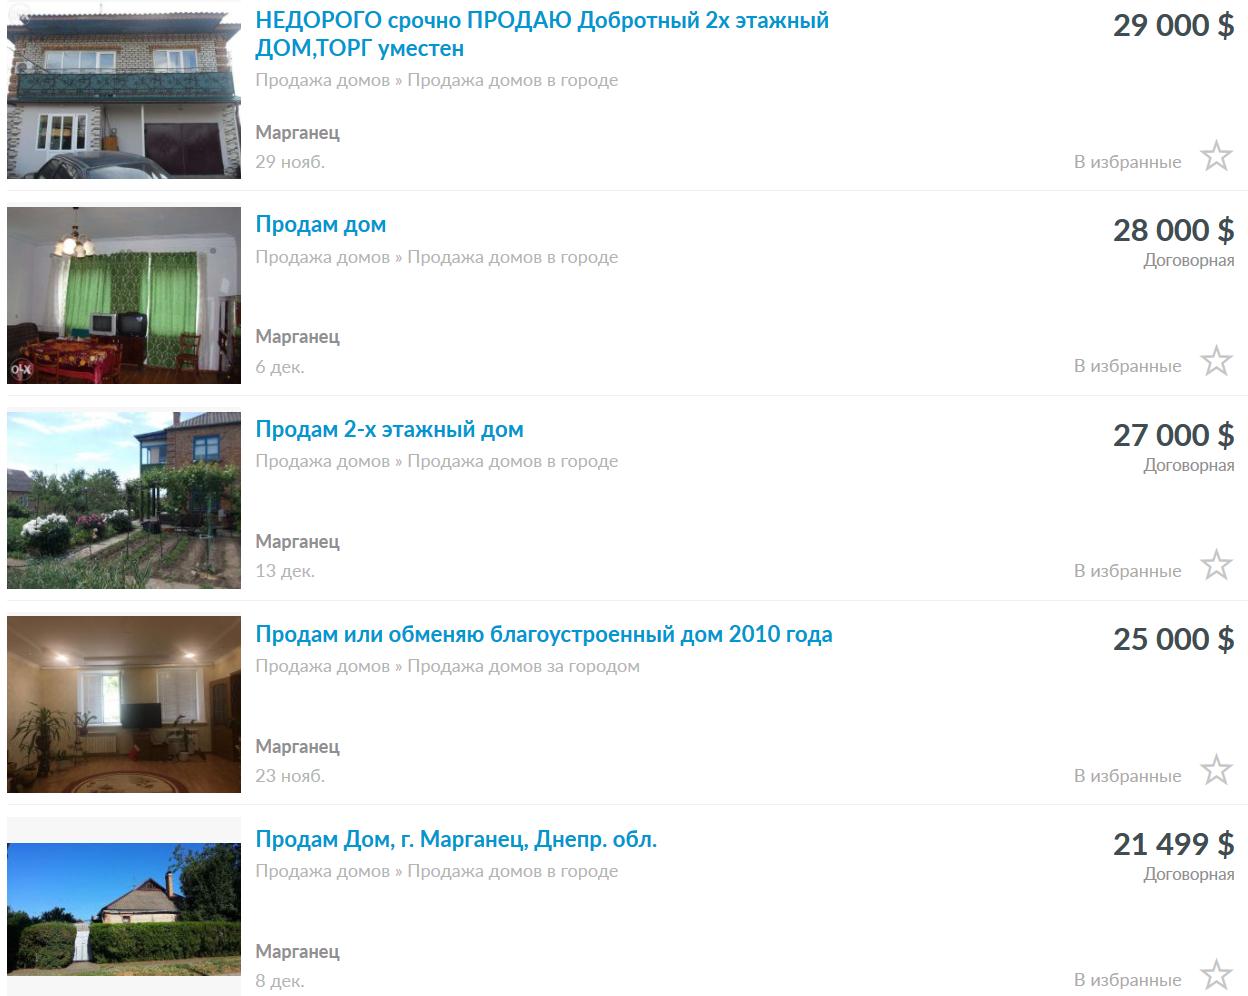 Screenshot-2017-12-15 Продажа домов купить дом в Украине просто - сервис объявлений OLX ua